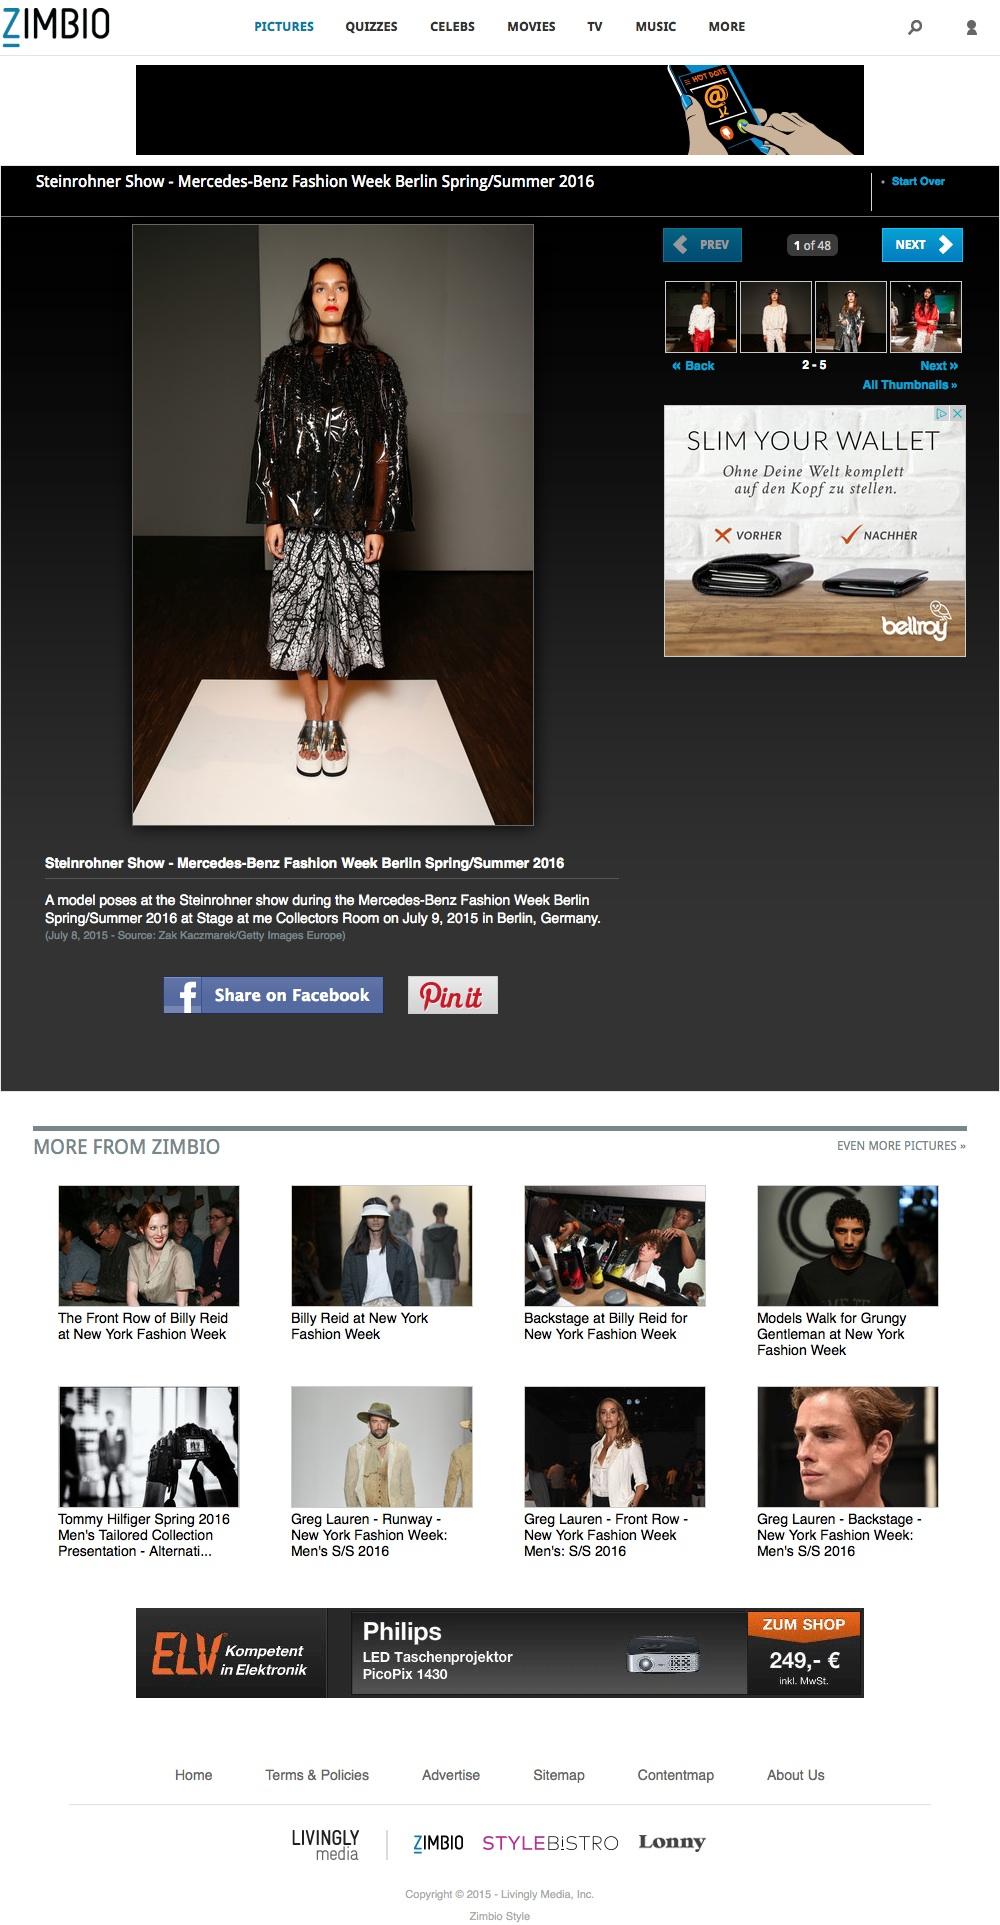 zimbio.com_pictures_j777UQXDcbK_Steinrohner+Show+Mercedes+Benz+Fashion+Week.jpg